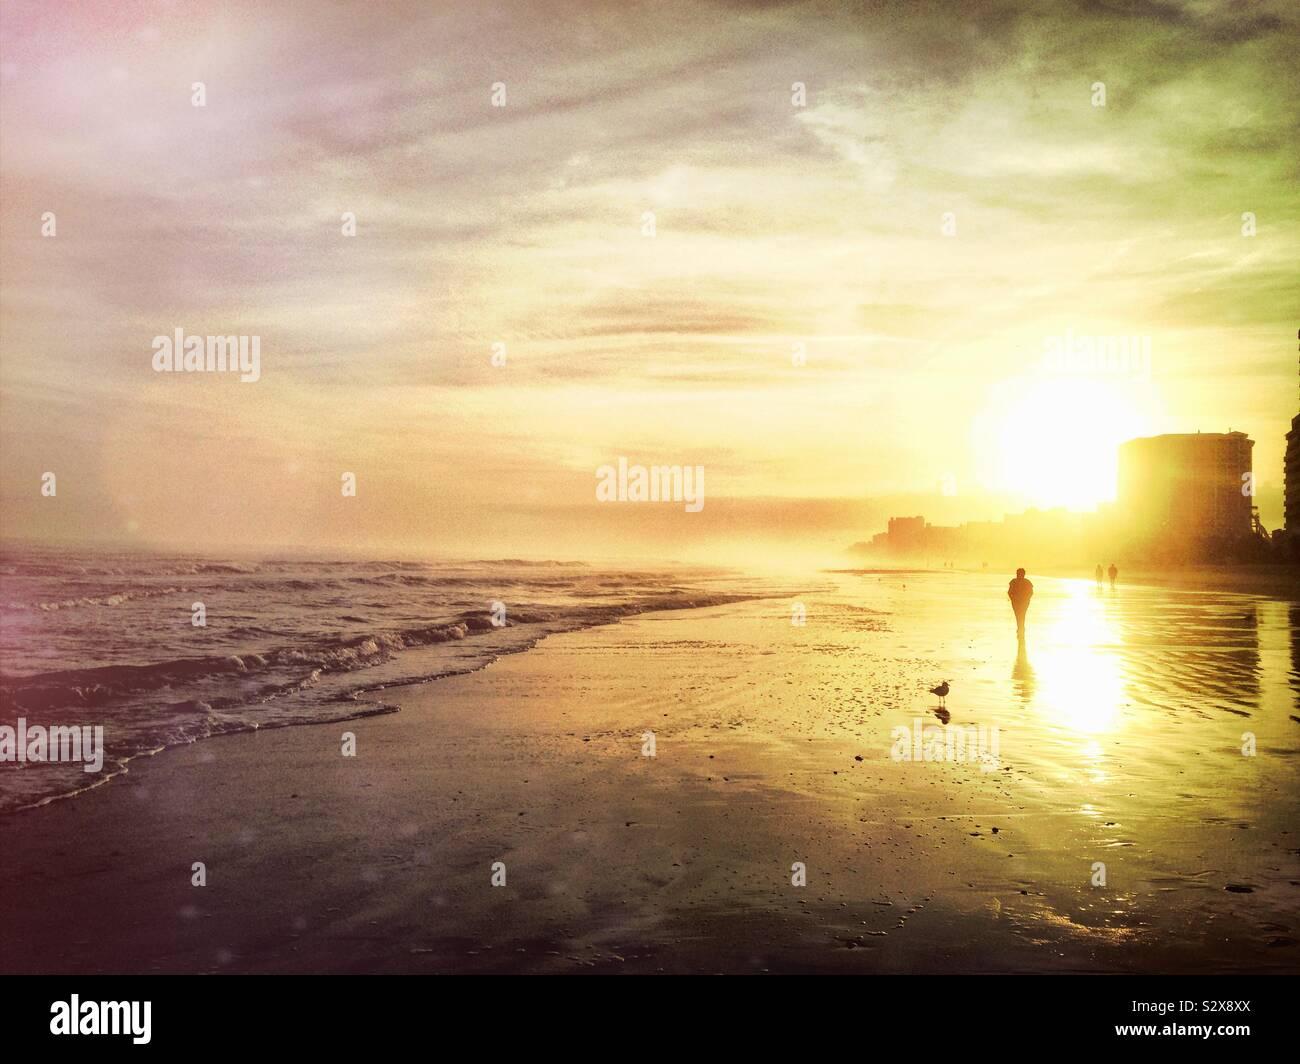 Menschen zu Fuß am Strand bei Sonnenuntergang in Myrtle Beach, South Carolina. Stockfoto